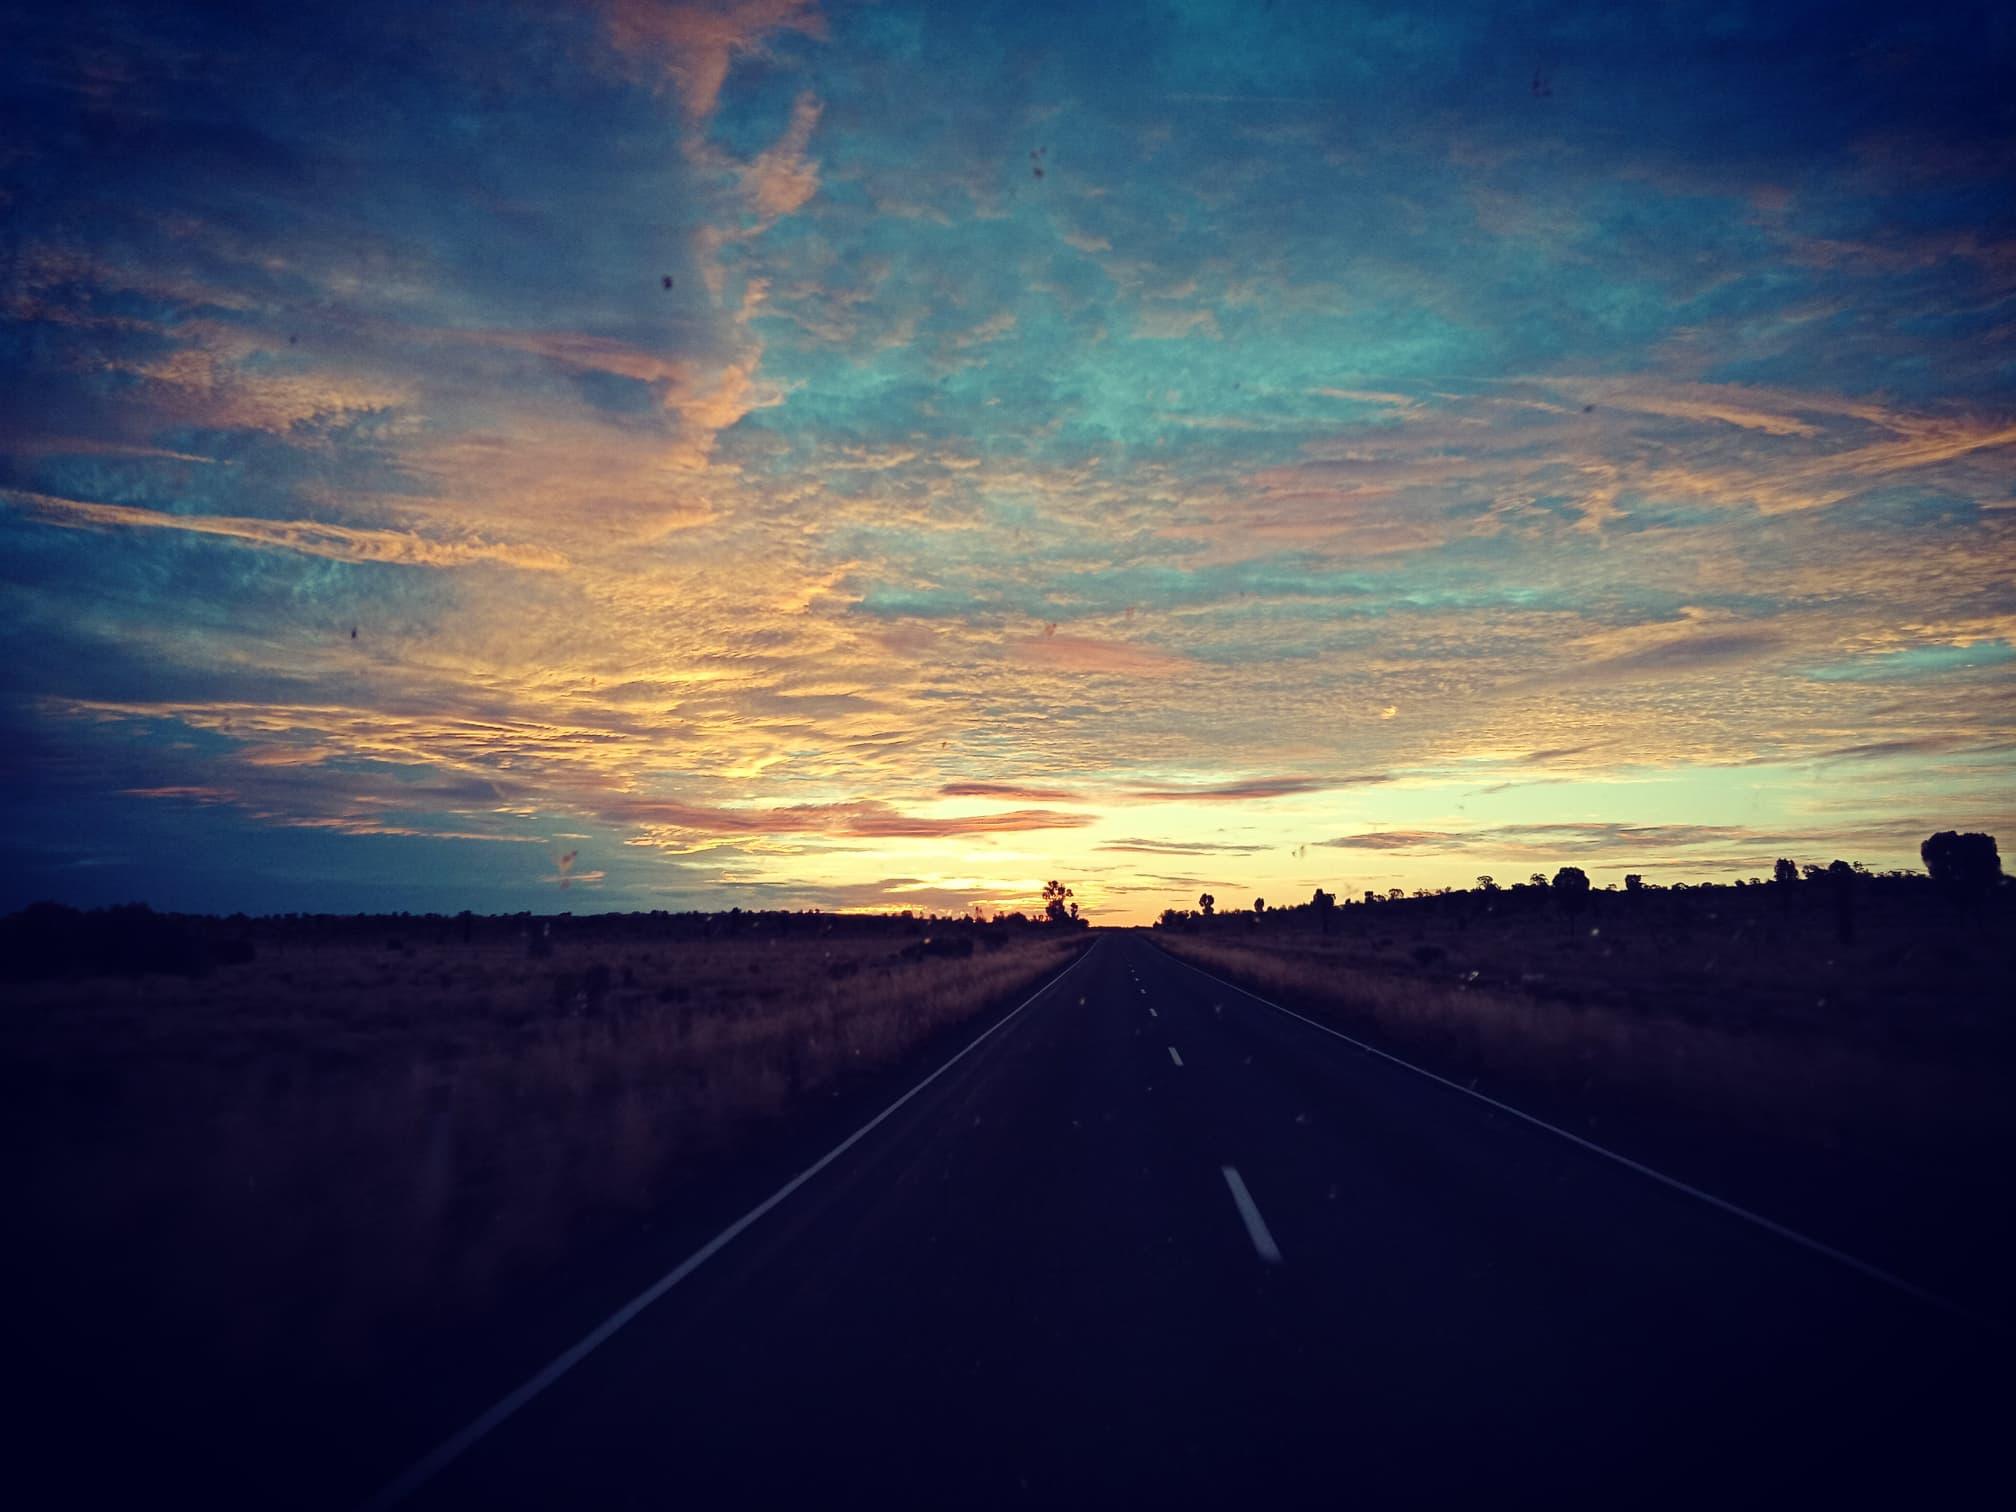 7-Day Package Darwin to Ayers Rock (Uluru) PLUS Return to Darwin